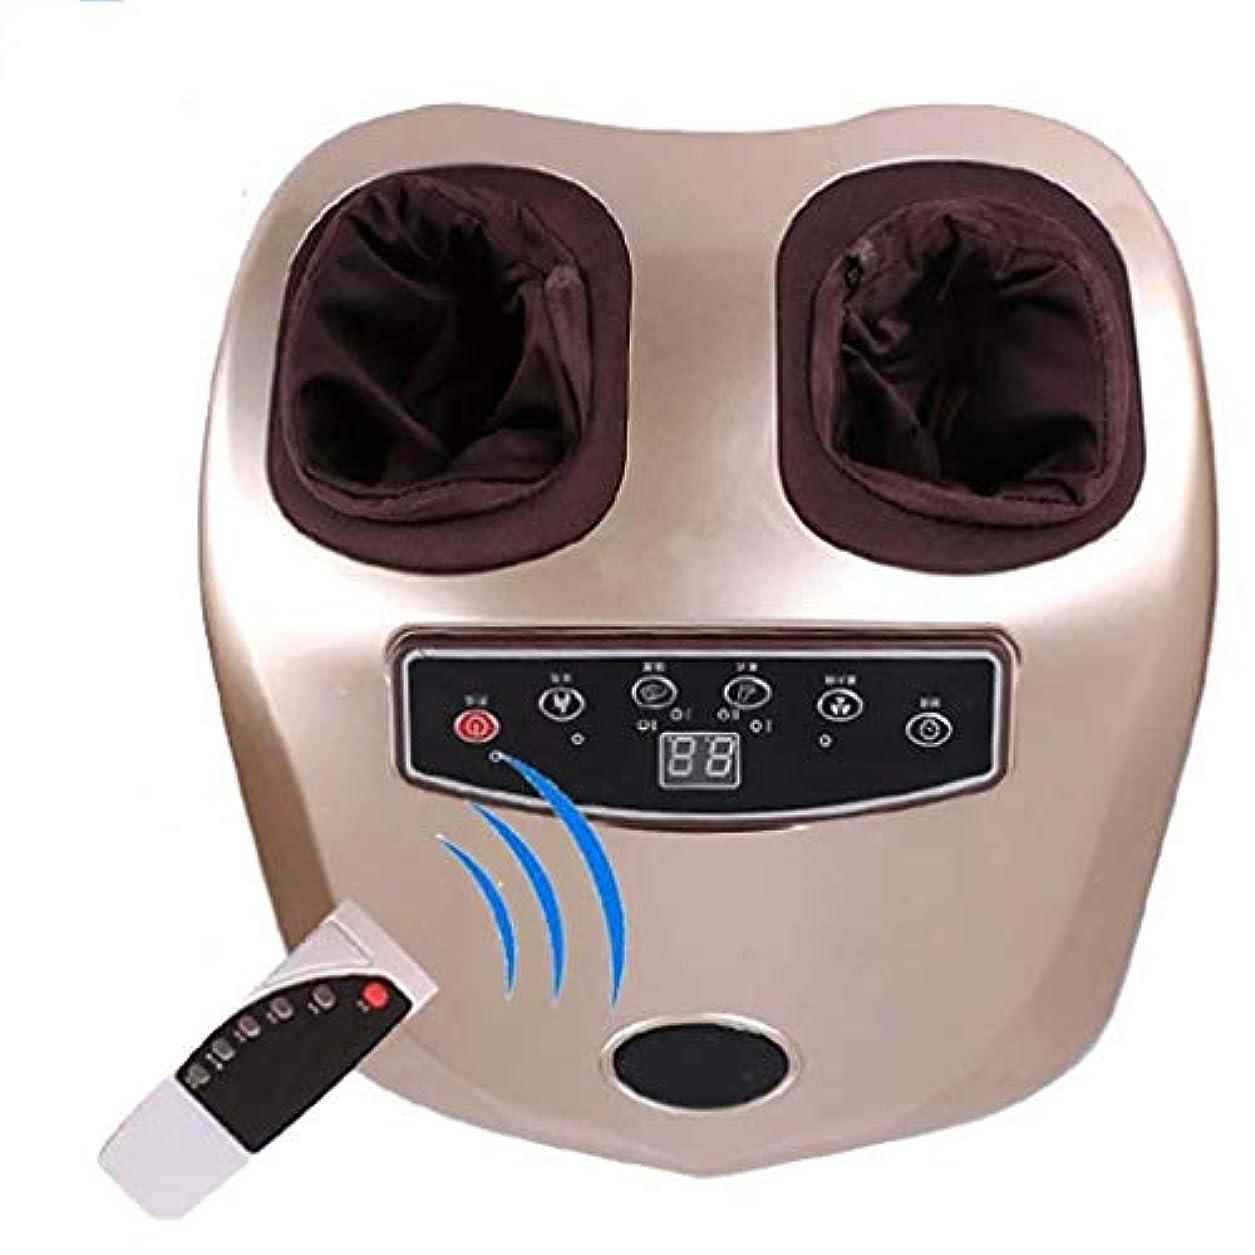 乱暴な闇着陸フットマッサージャー、電気フットマッサージャー、360°赤外線自動暖房/マッサージ、ホームのマッサージを混練、リモコン操作